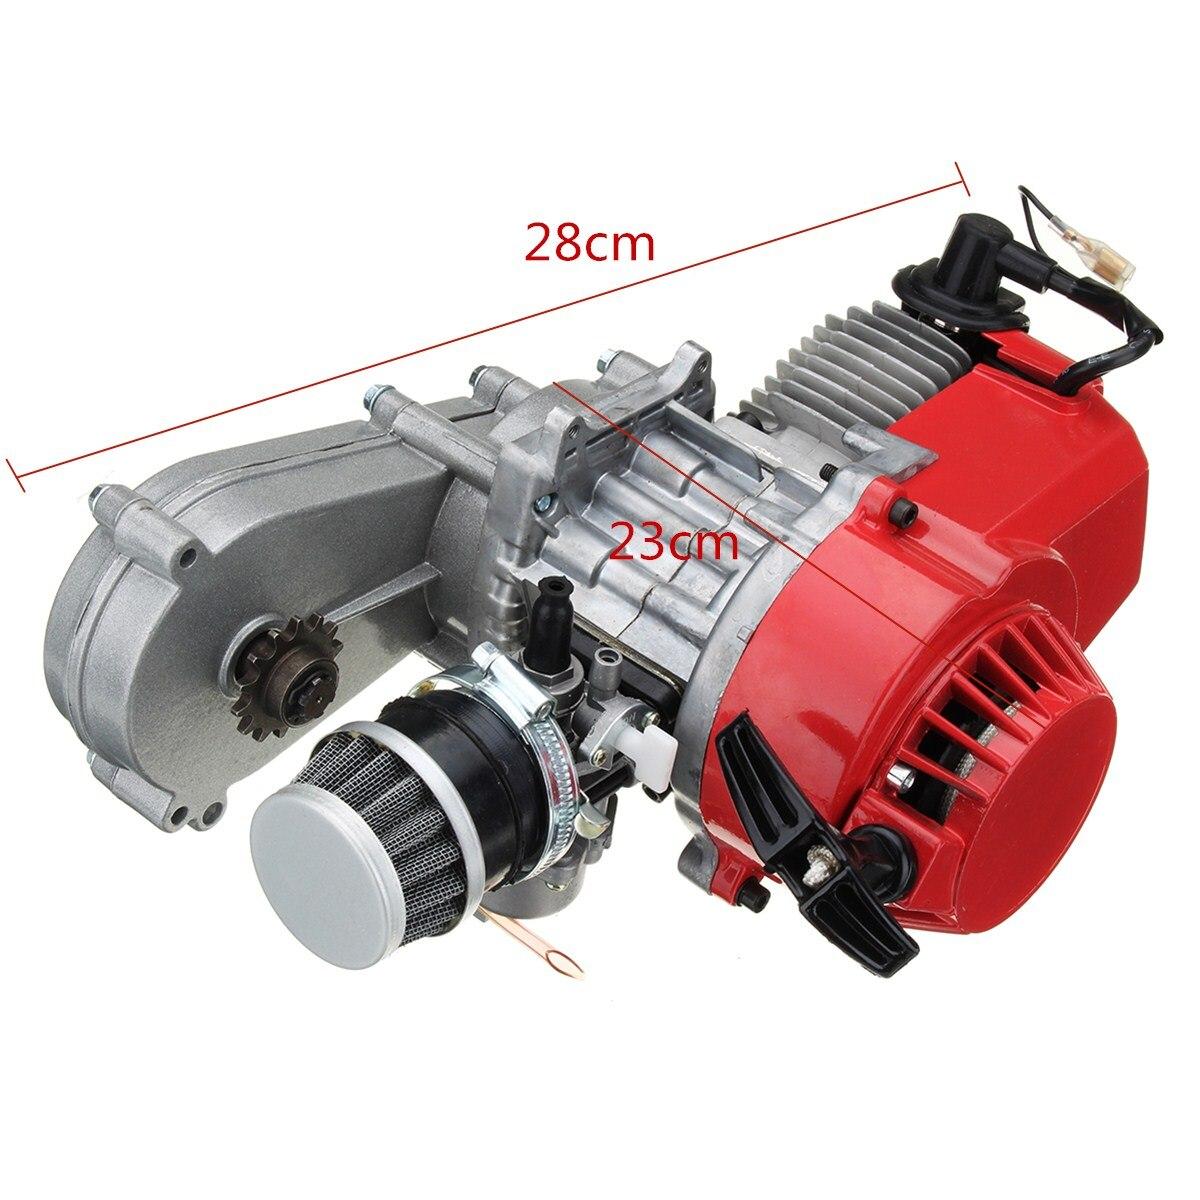 49cc 2 нажимом запуска двигателя 25 ч ведущее колесо мотора передачи воздушный фильтр для мини карманный мини Quad Dirt Bike ATV 4 колеса